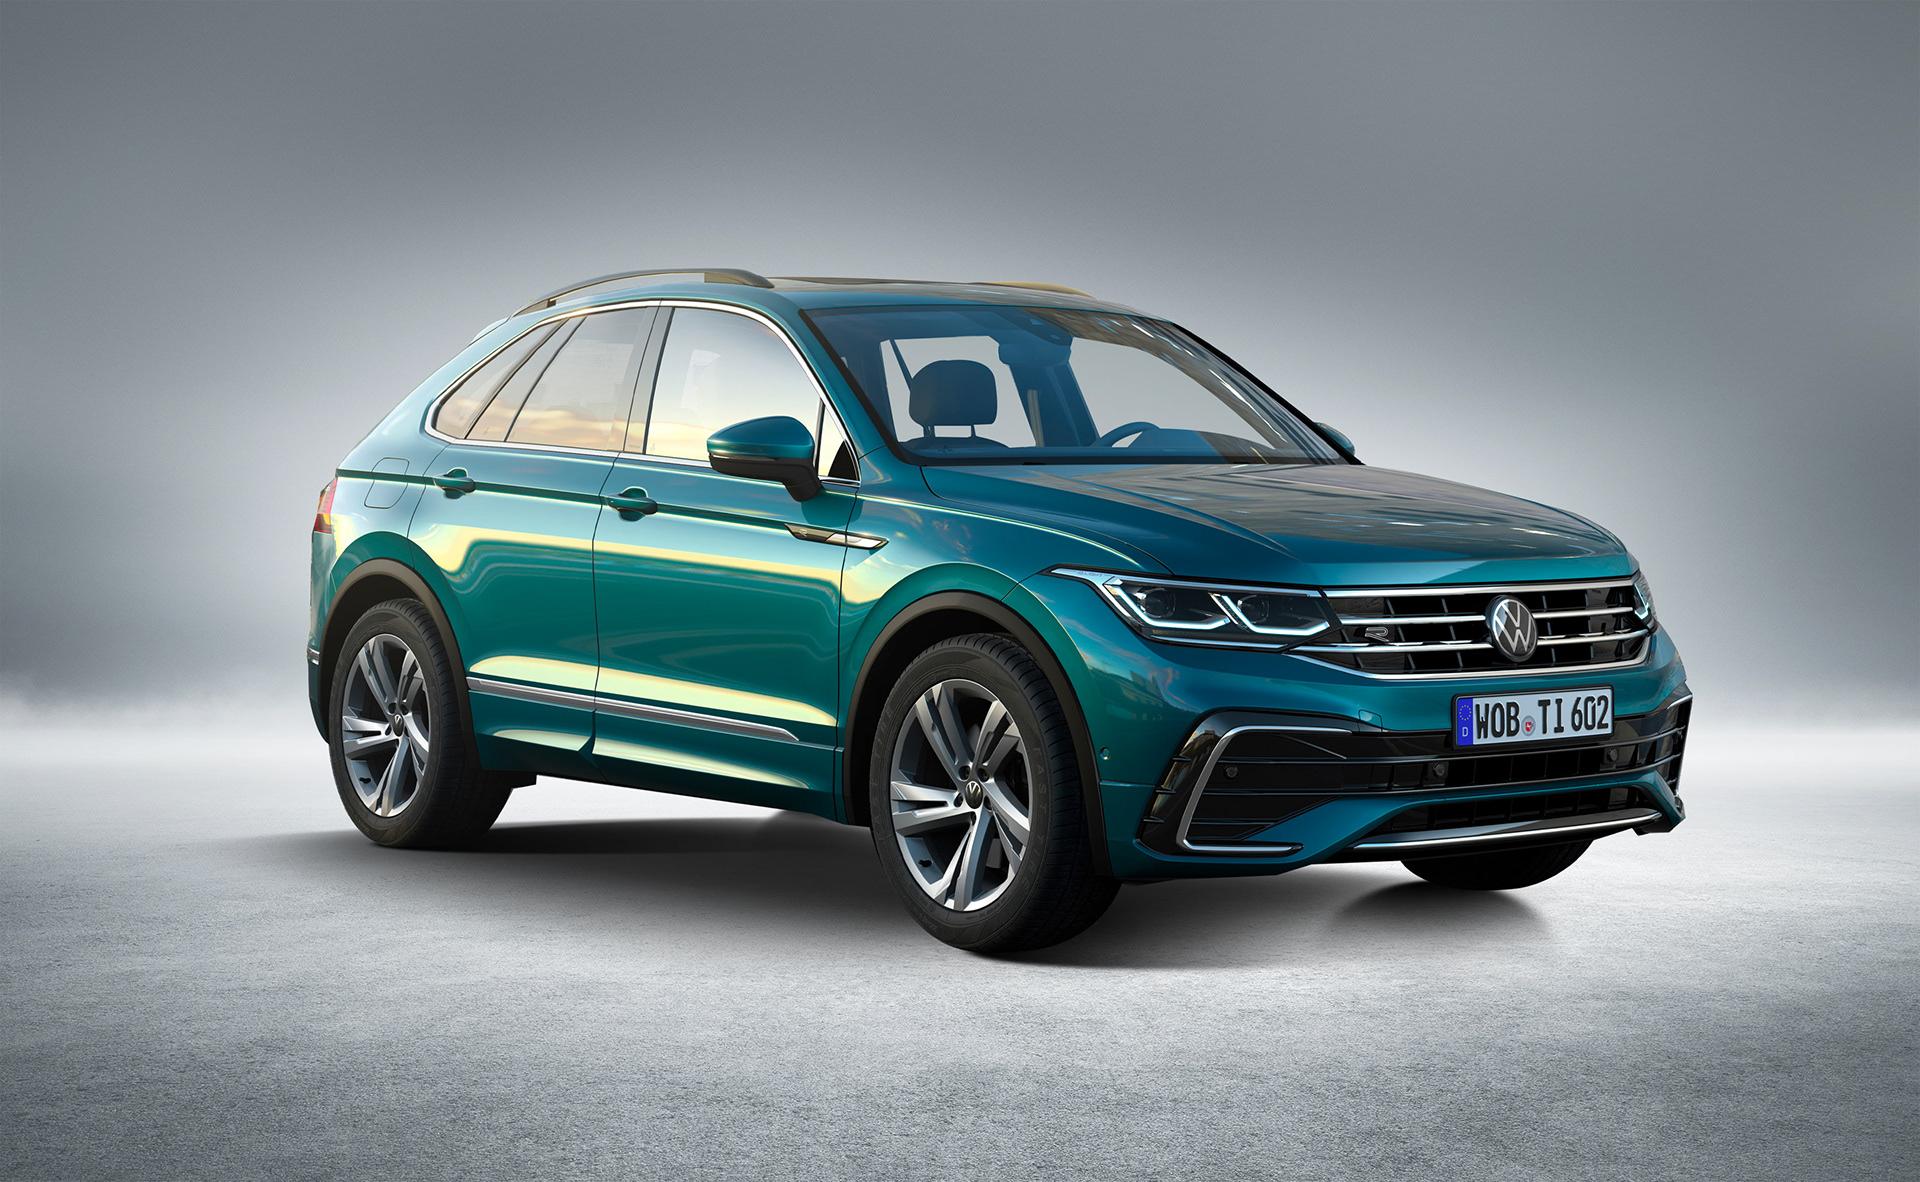 Nuova Volkswagen Tiguan 2021, il Rendering della Coupé ...